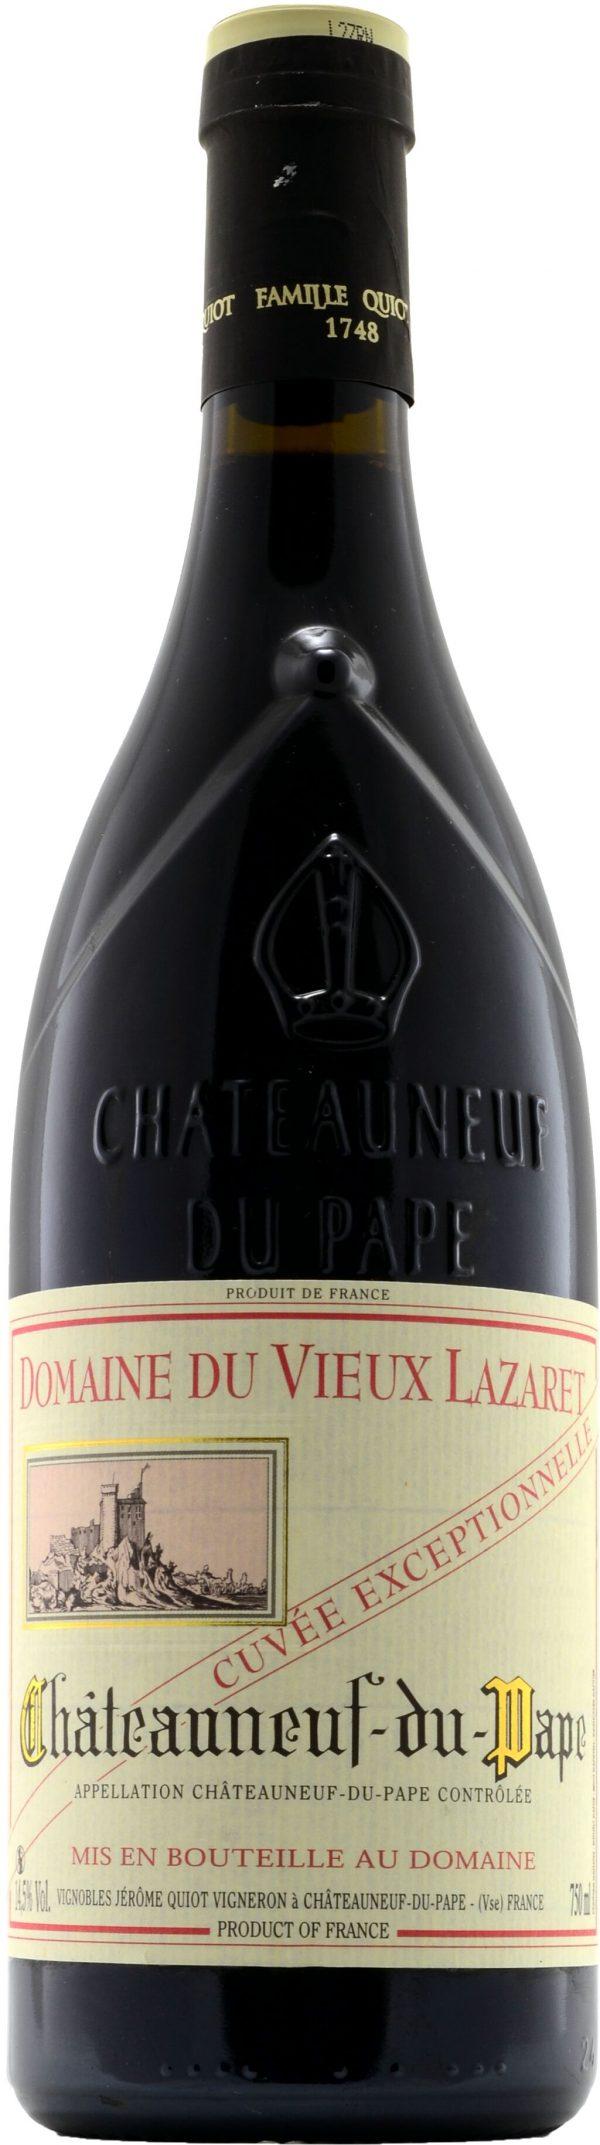 Jerome Quiot Chateaneuf-du-Pape Domaine du Vieux Lazaret Cuvee Exceptionnelle Rouge 75cl